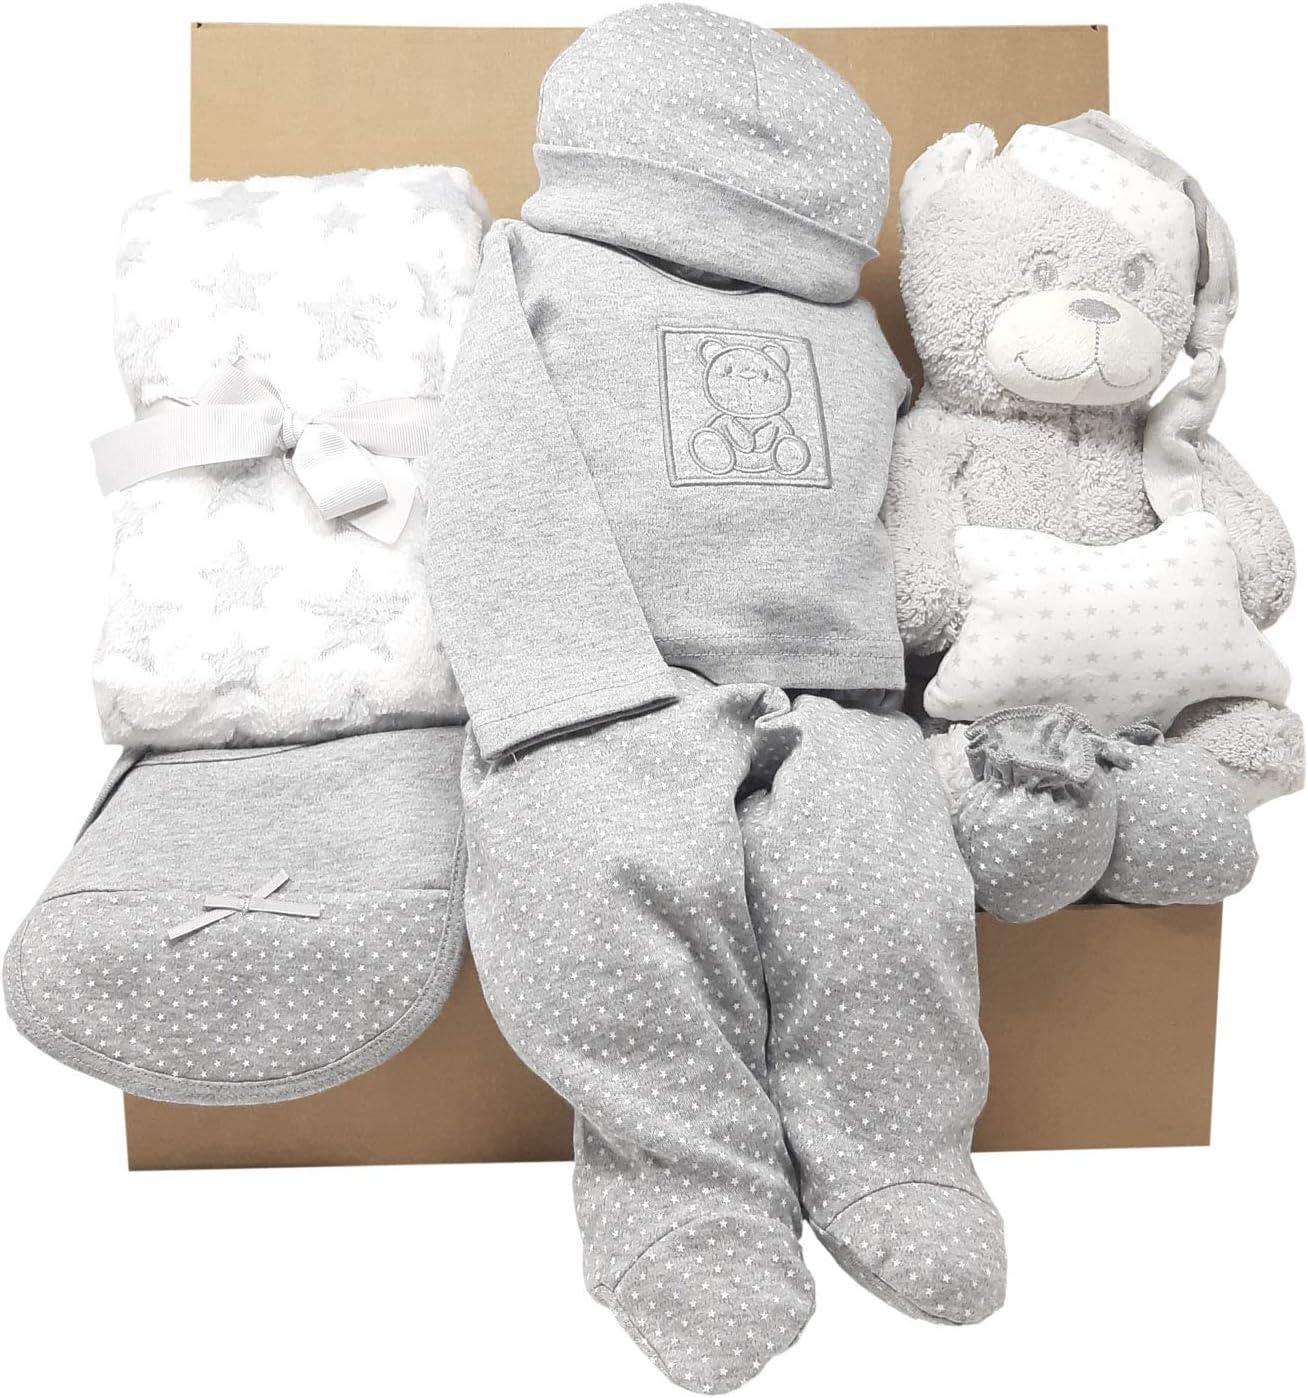 Cesta Bebé modelo MabyBox My Teddy | Canastilla de bebé para regalo que incluye manta, ropa de recien nacido y Peluche (Gris, 0-3 meses)